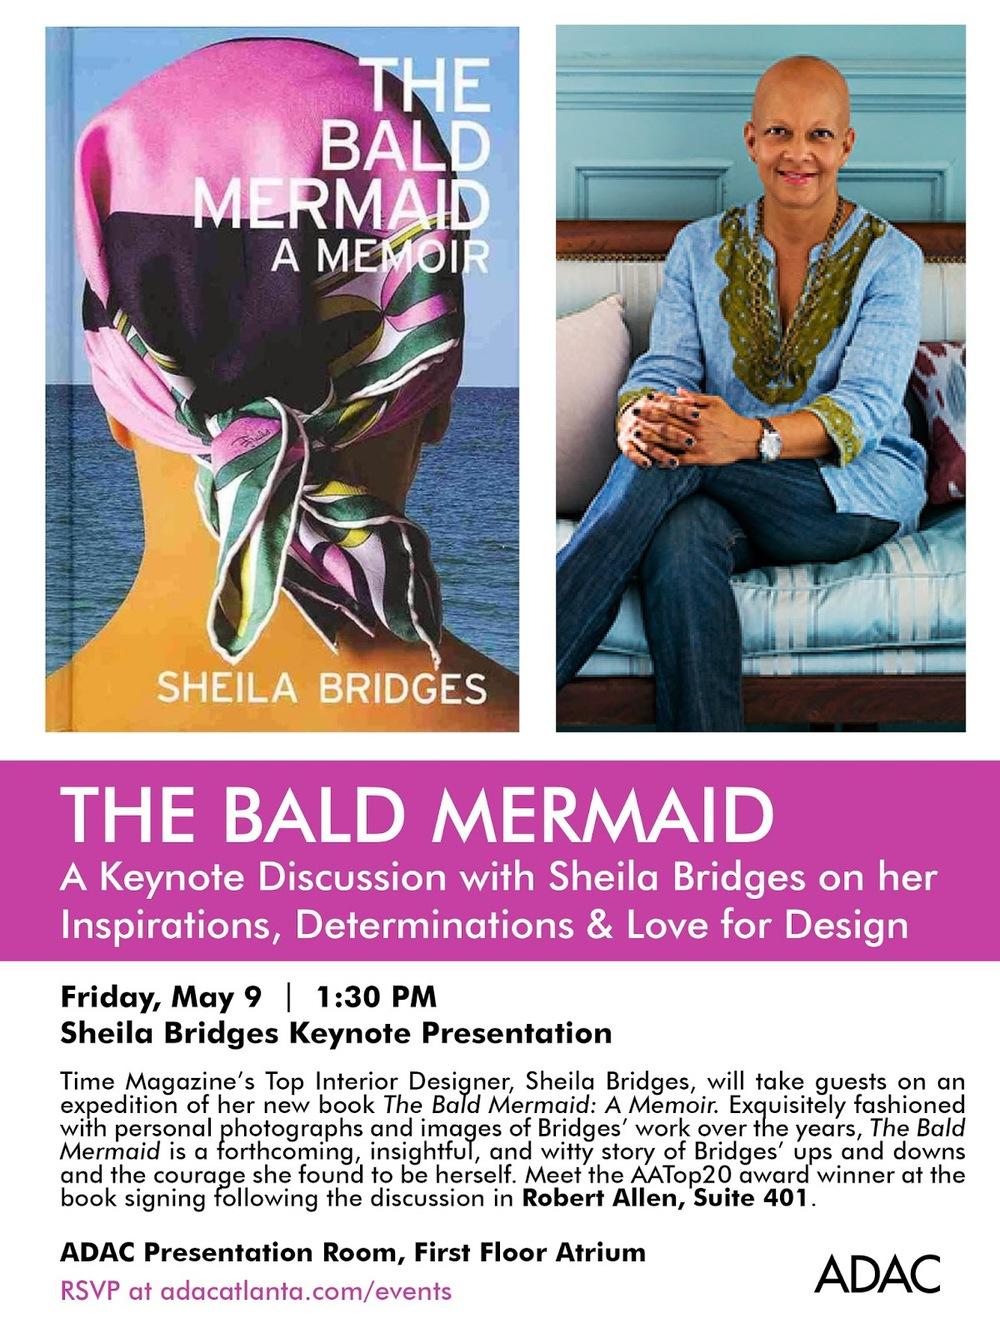 The+Bald+Mermaid+Invitation-2.jpg